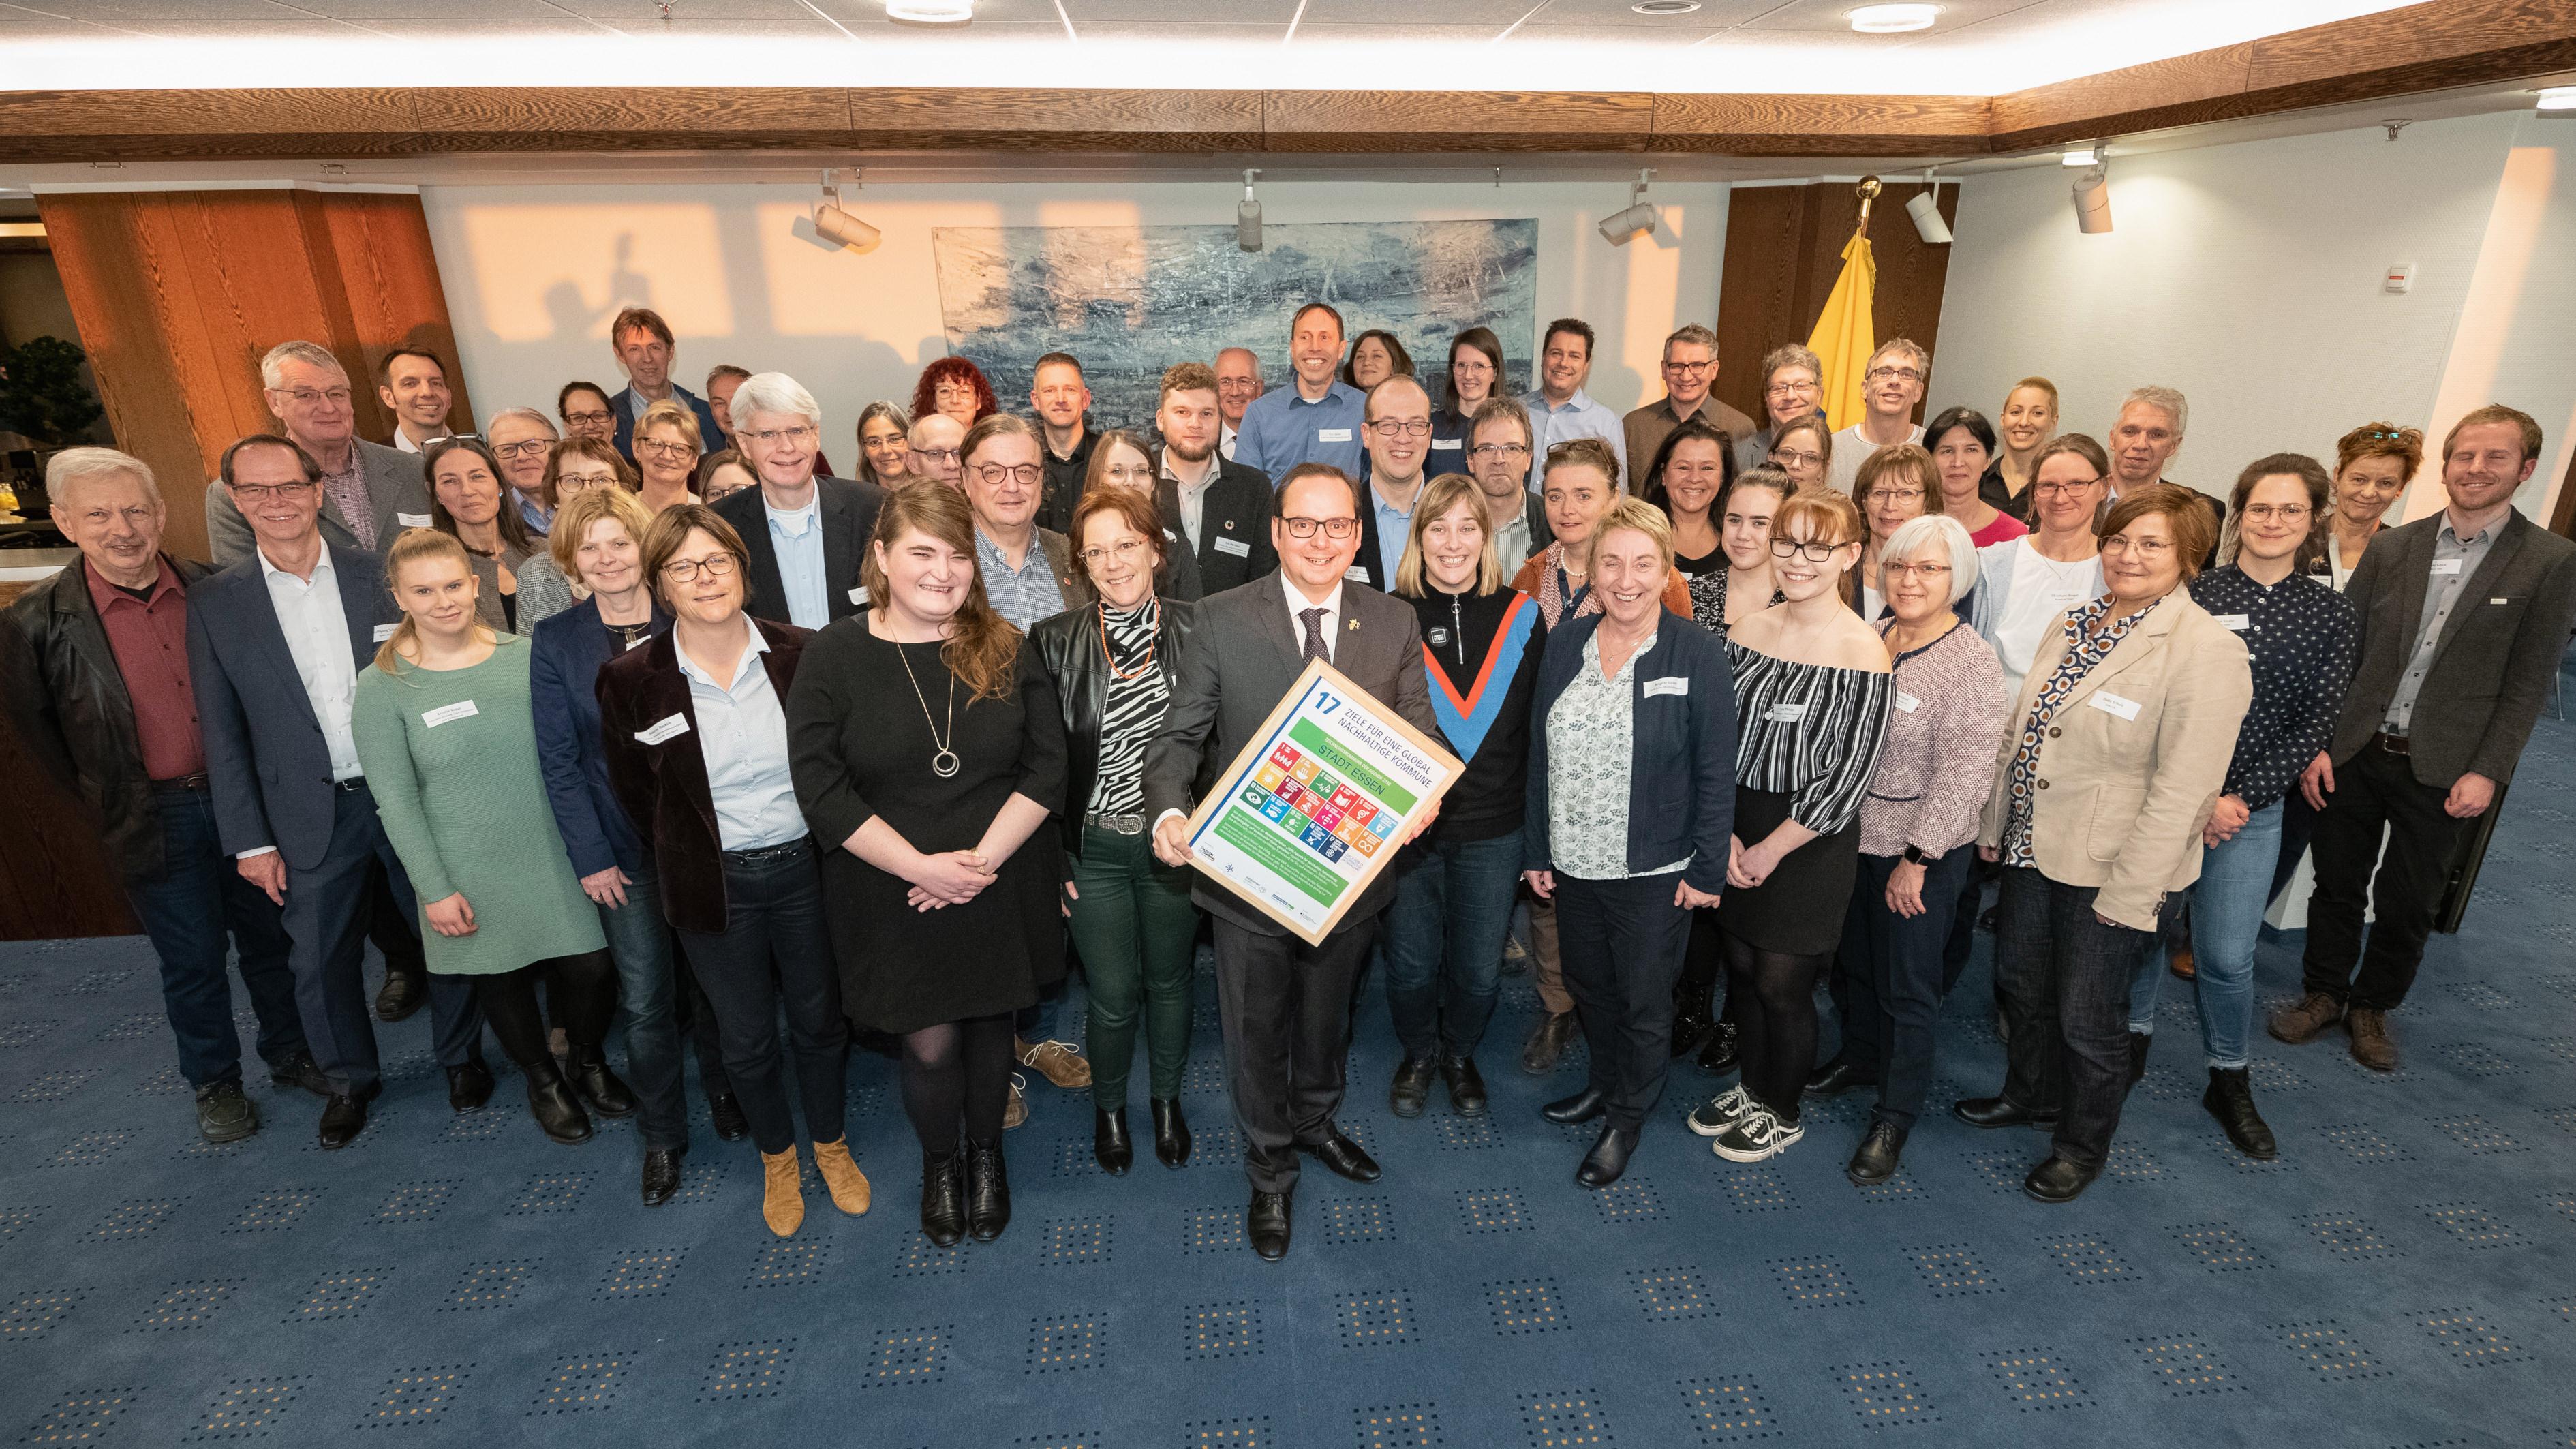 """Oberbürgermeister Thomas Kufen wurde eine Urkunde übergeben, die die Stadt Essen als """"Zeichnungskommune der 2030-Agenda"""" auszeichnet."""